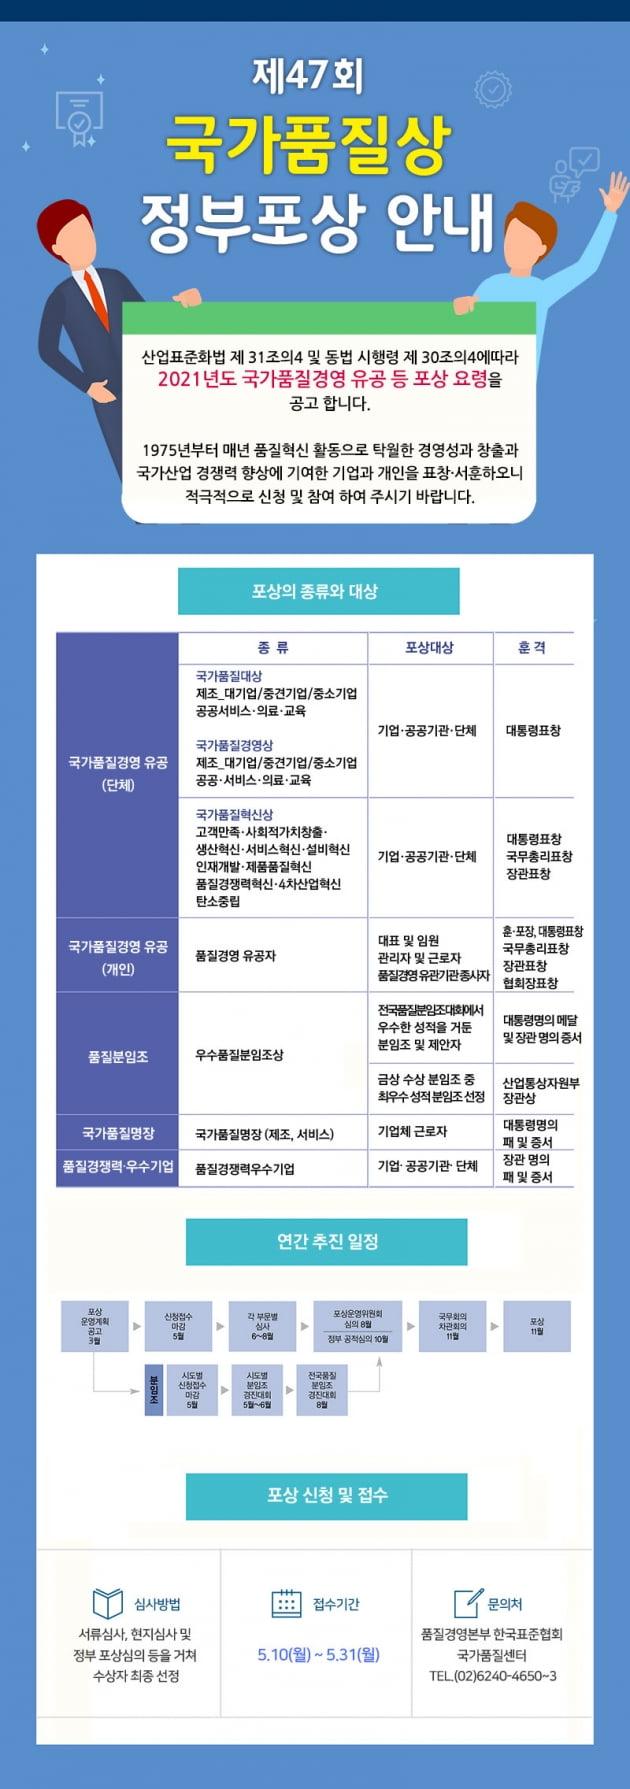 한국표준협회, 2021 국가품질경영 유공 등 정부포상 신청 접수